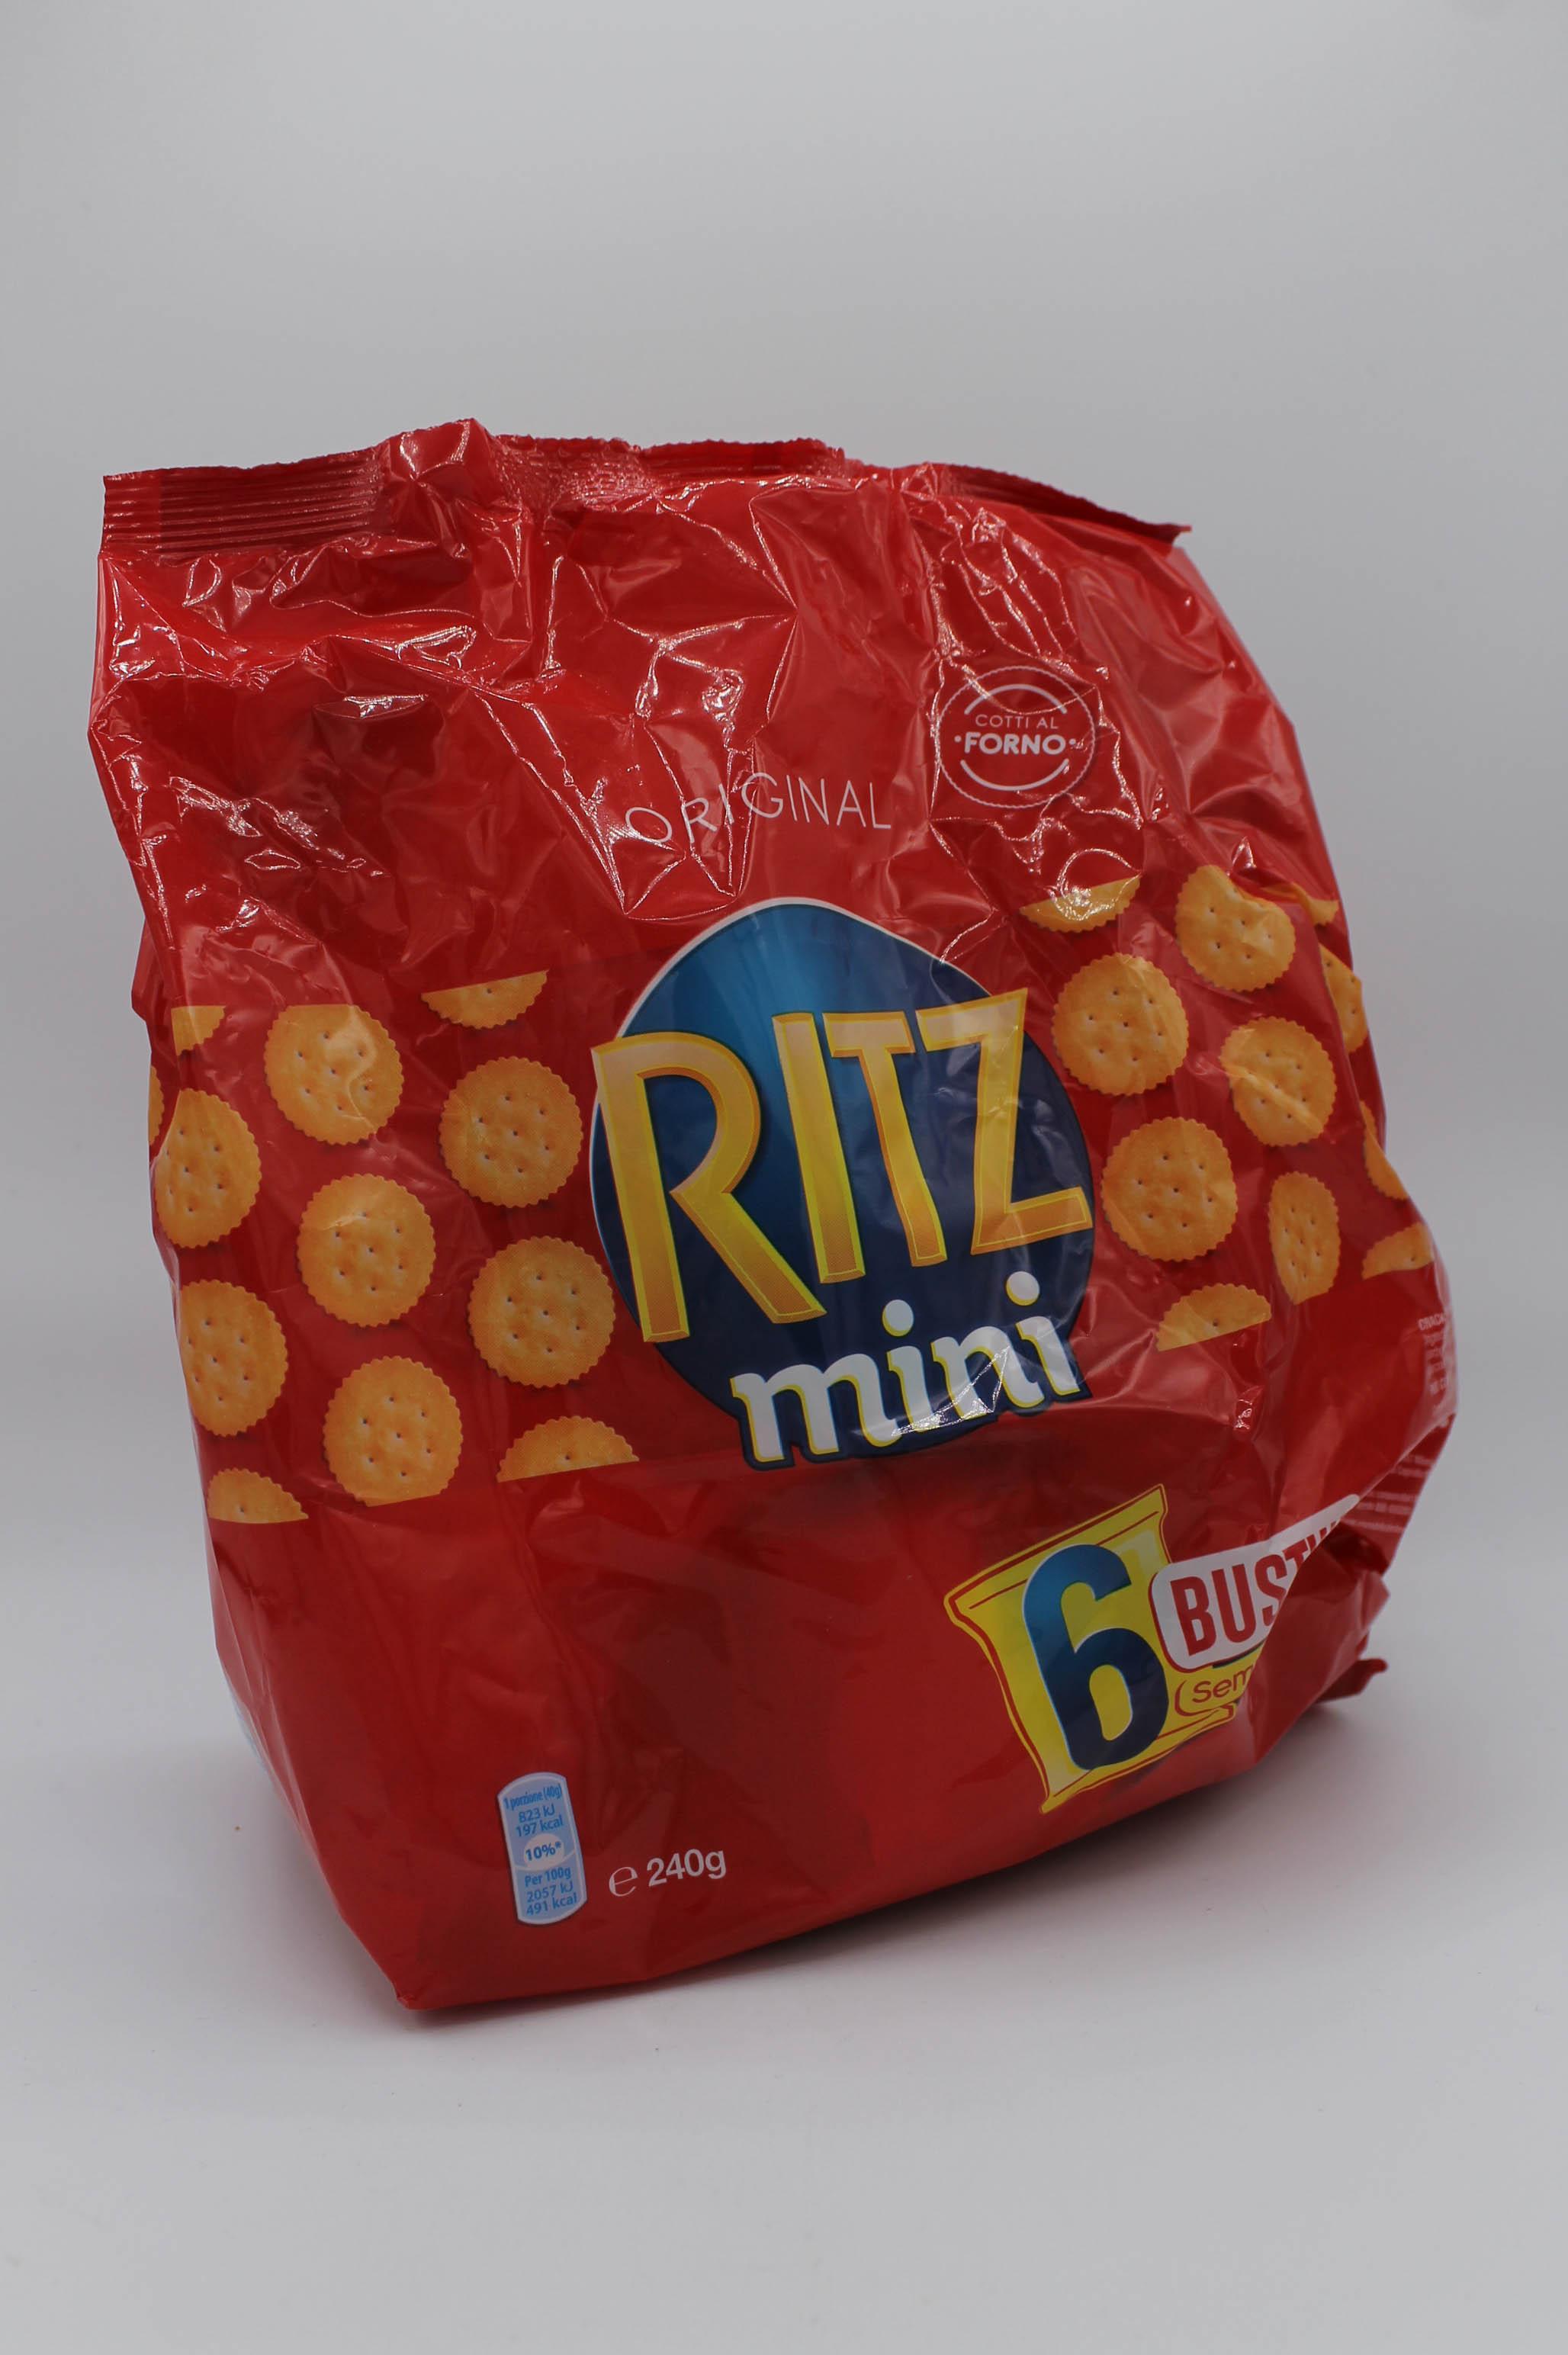 Ritz mini multipack 6 buste 240gr.